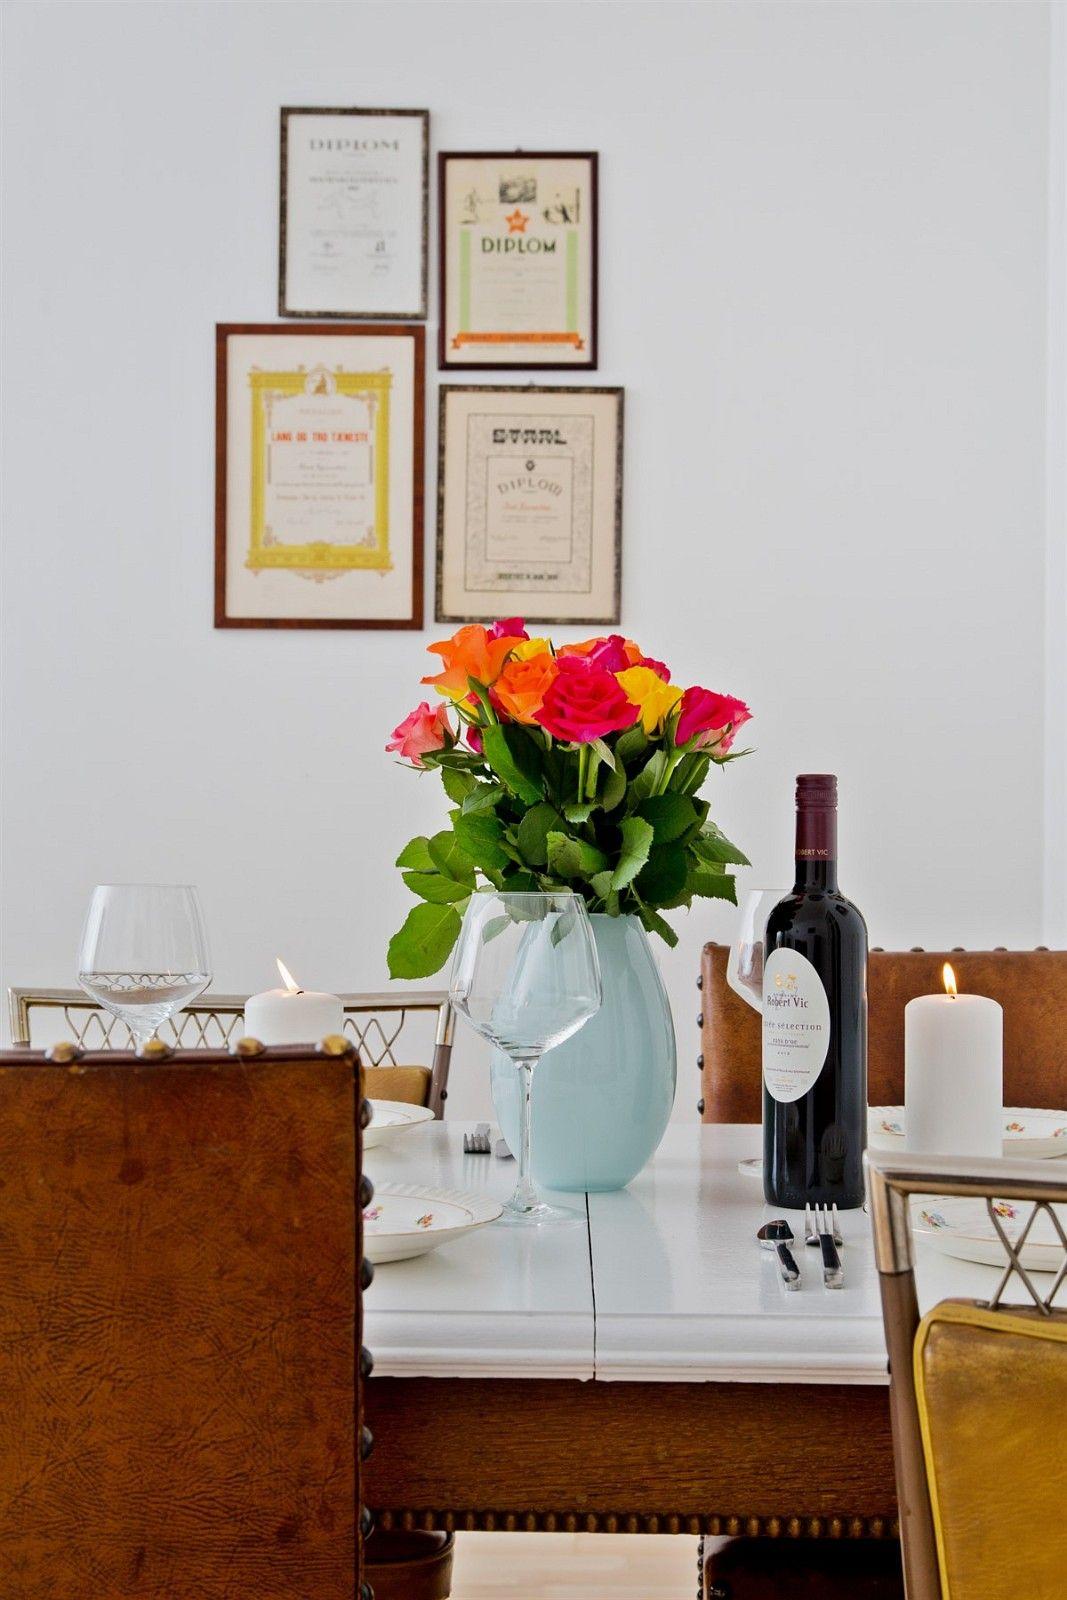 FINN – GAMLEBYEN - Gjennomgående 2-roms med klassiske detaljer, god takhøyde og en spennende planløsning. Sentral beliggenhet!